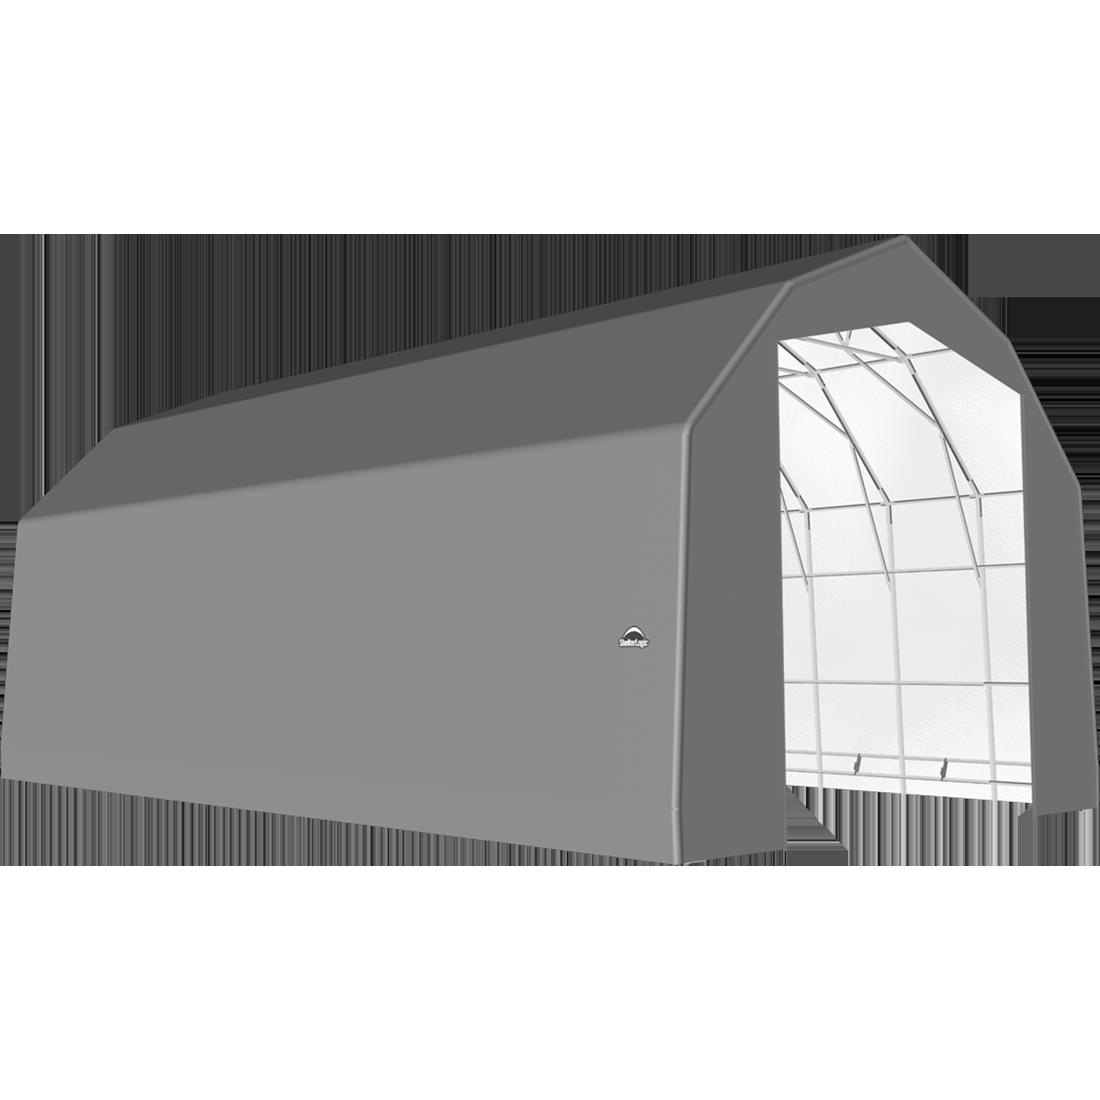 SP Barn 25X36X20 Gray 14 oz PE Shelter